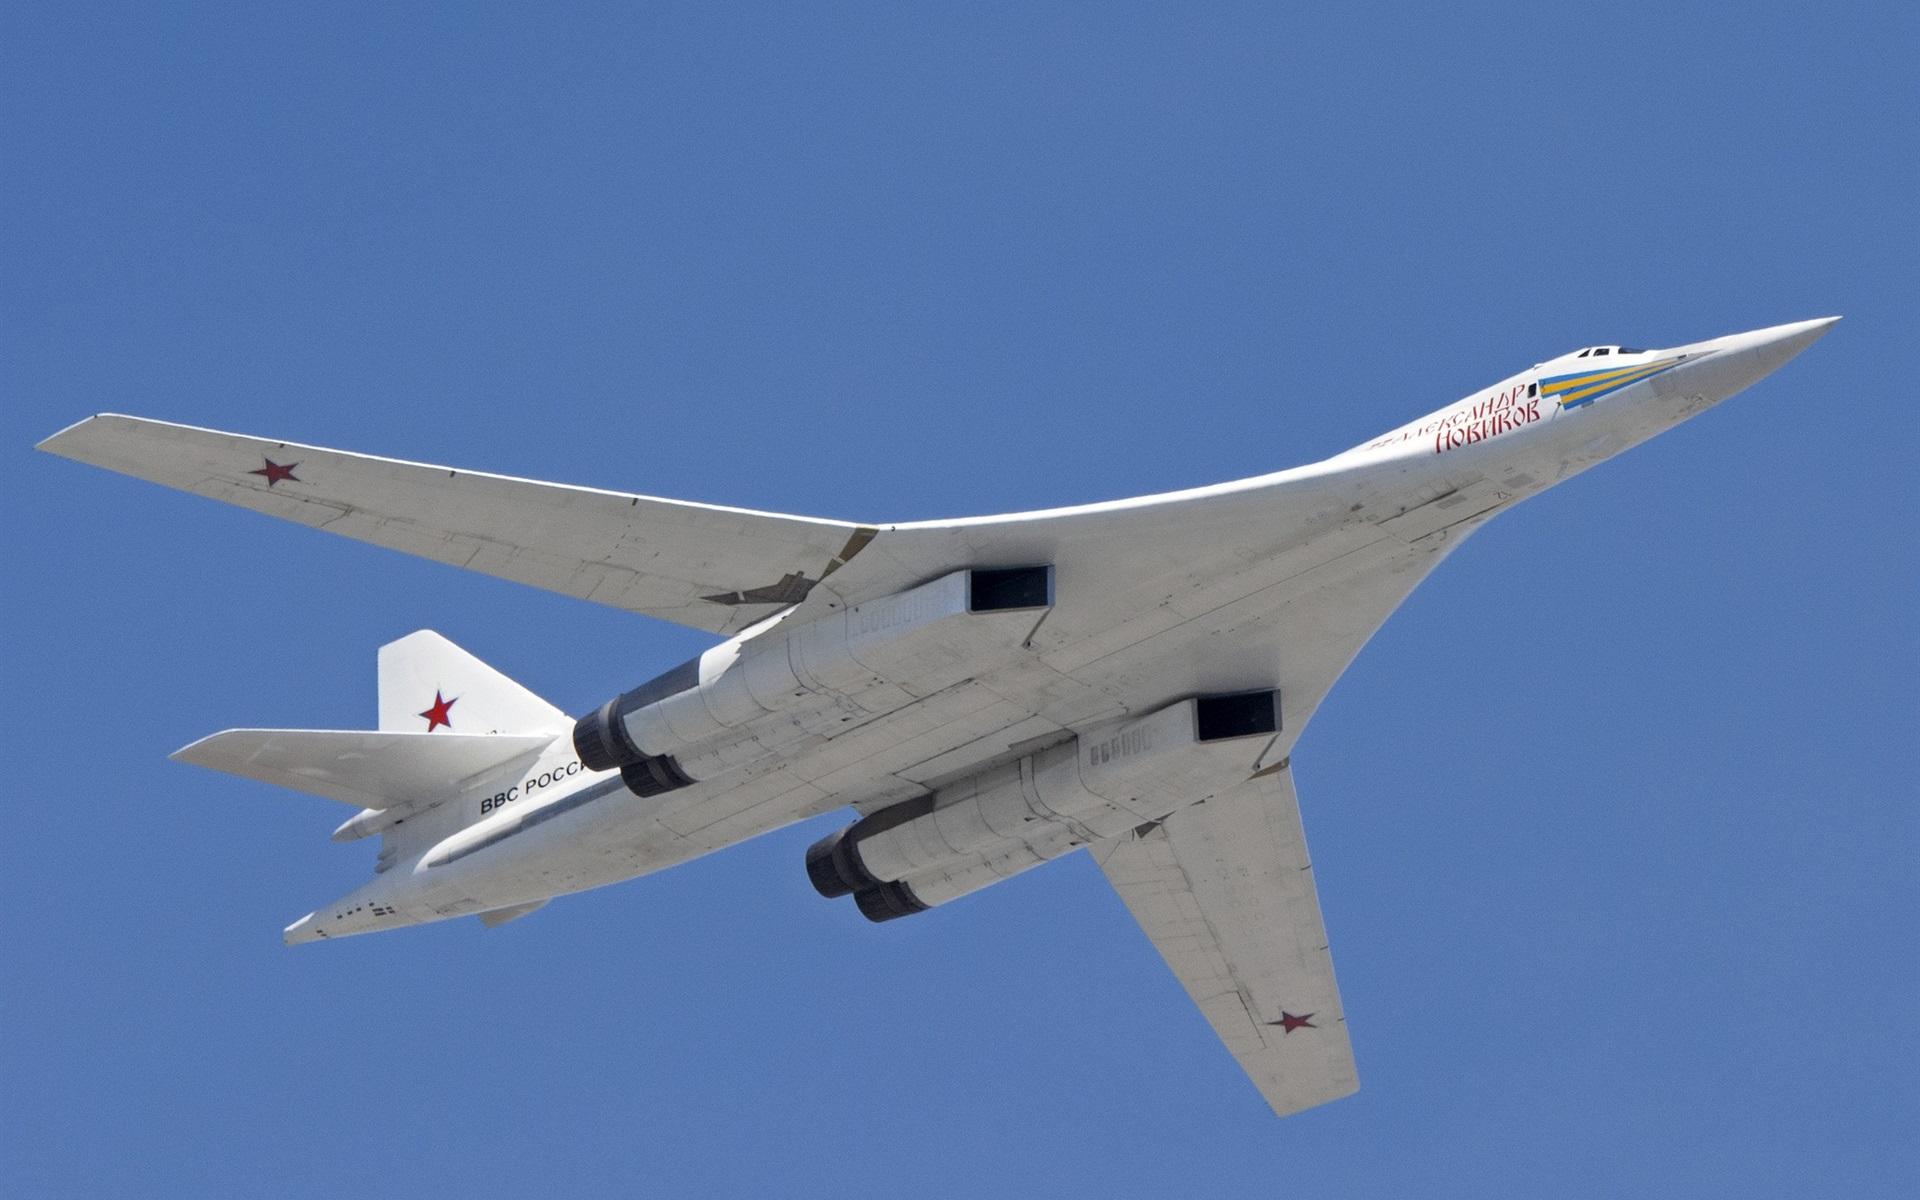 Tu 160 (航空機)の画像 p1_27